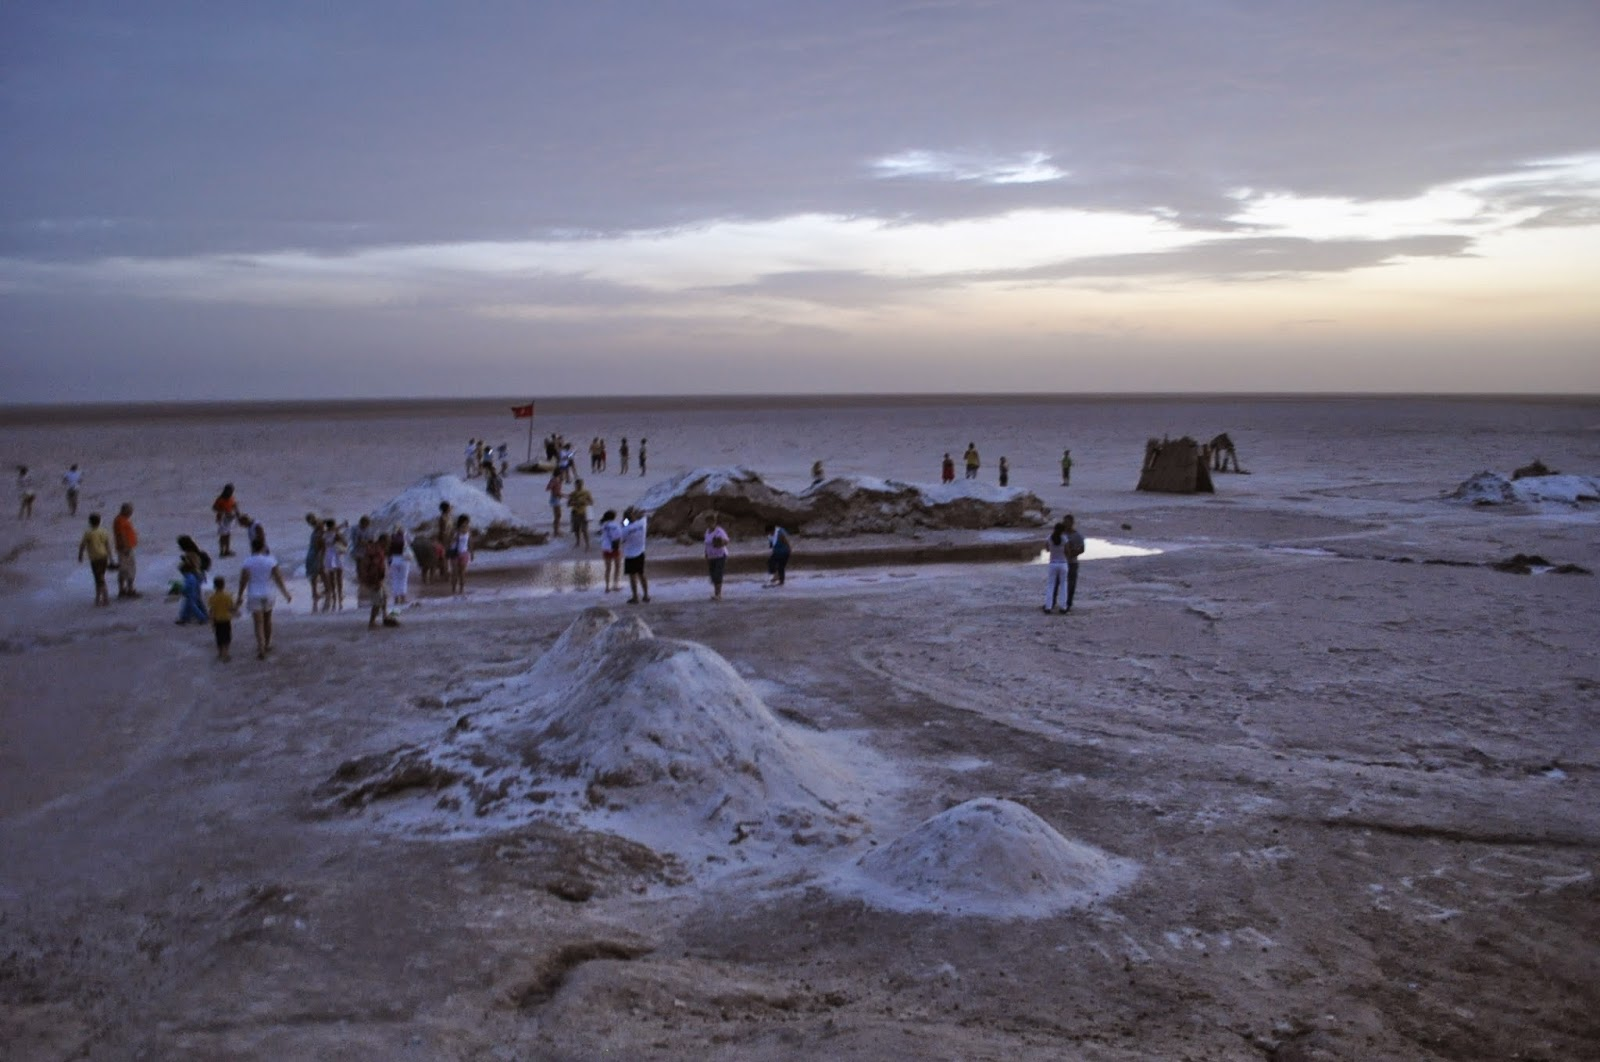 Шот ел-Джерид - така се казва второто по големина солено езеро в Сахара след Чад. Дълго е 120 км. и е широко около 60 км.Част от него се простира в централен Тунис и стига до бреговете на Средиземно море.